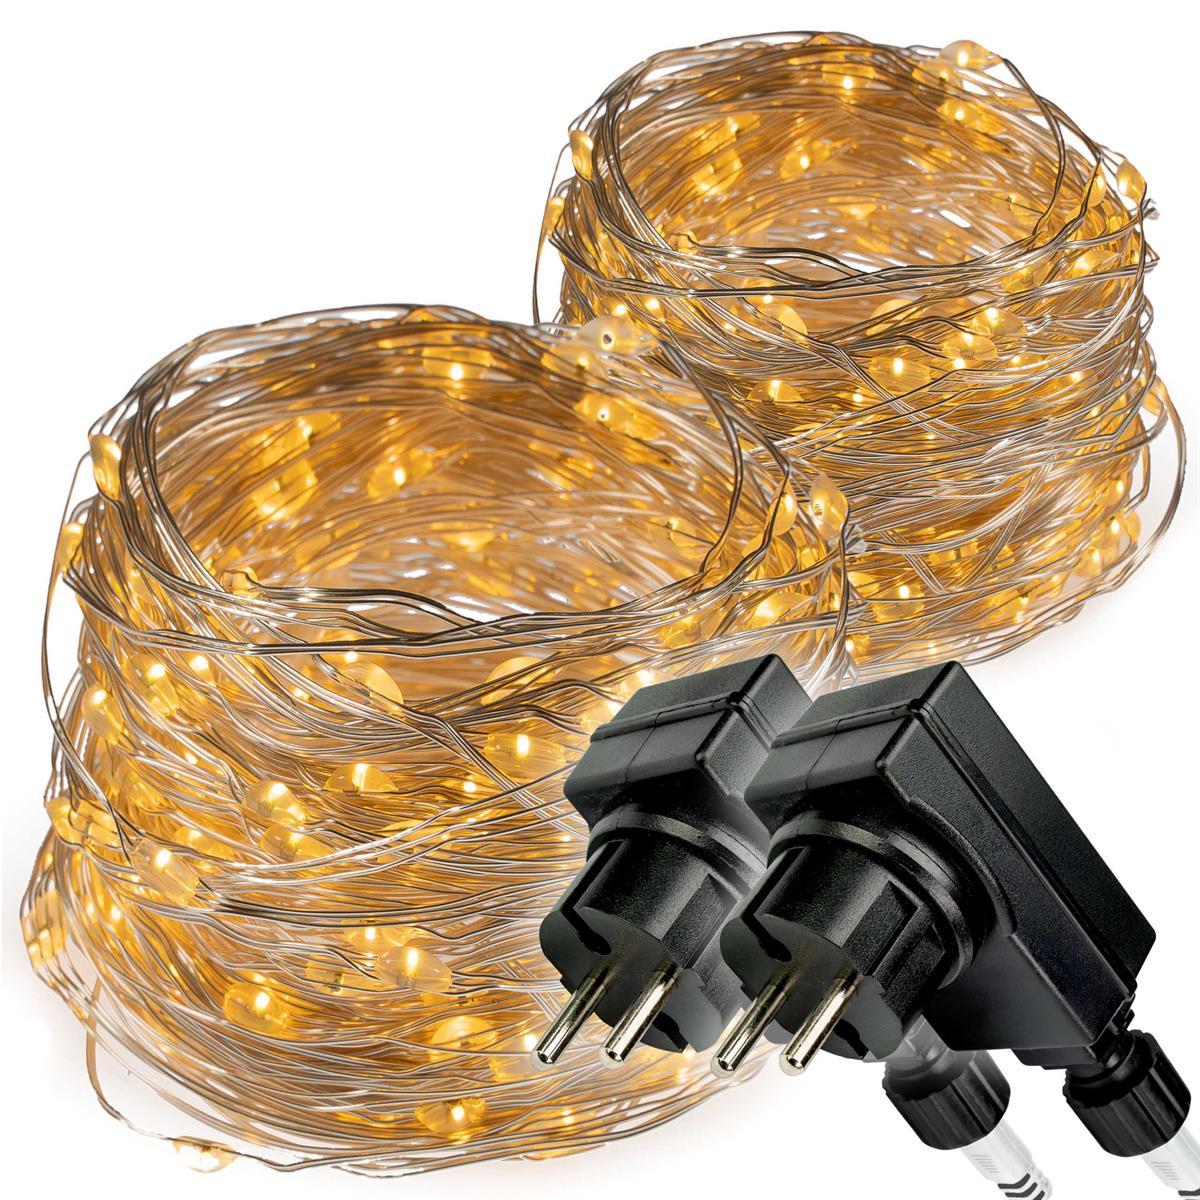 2er Set 200 LED Lichterkette Silberdraht warmweiß Weihnachtsdeko Trafo Timer